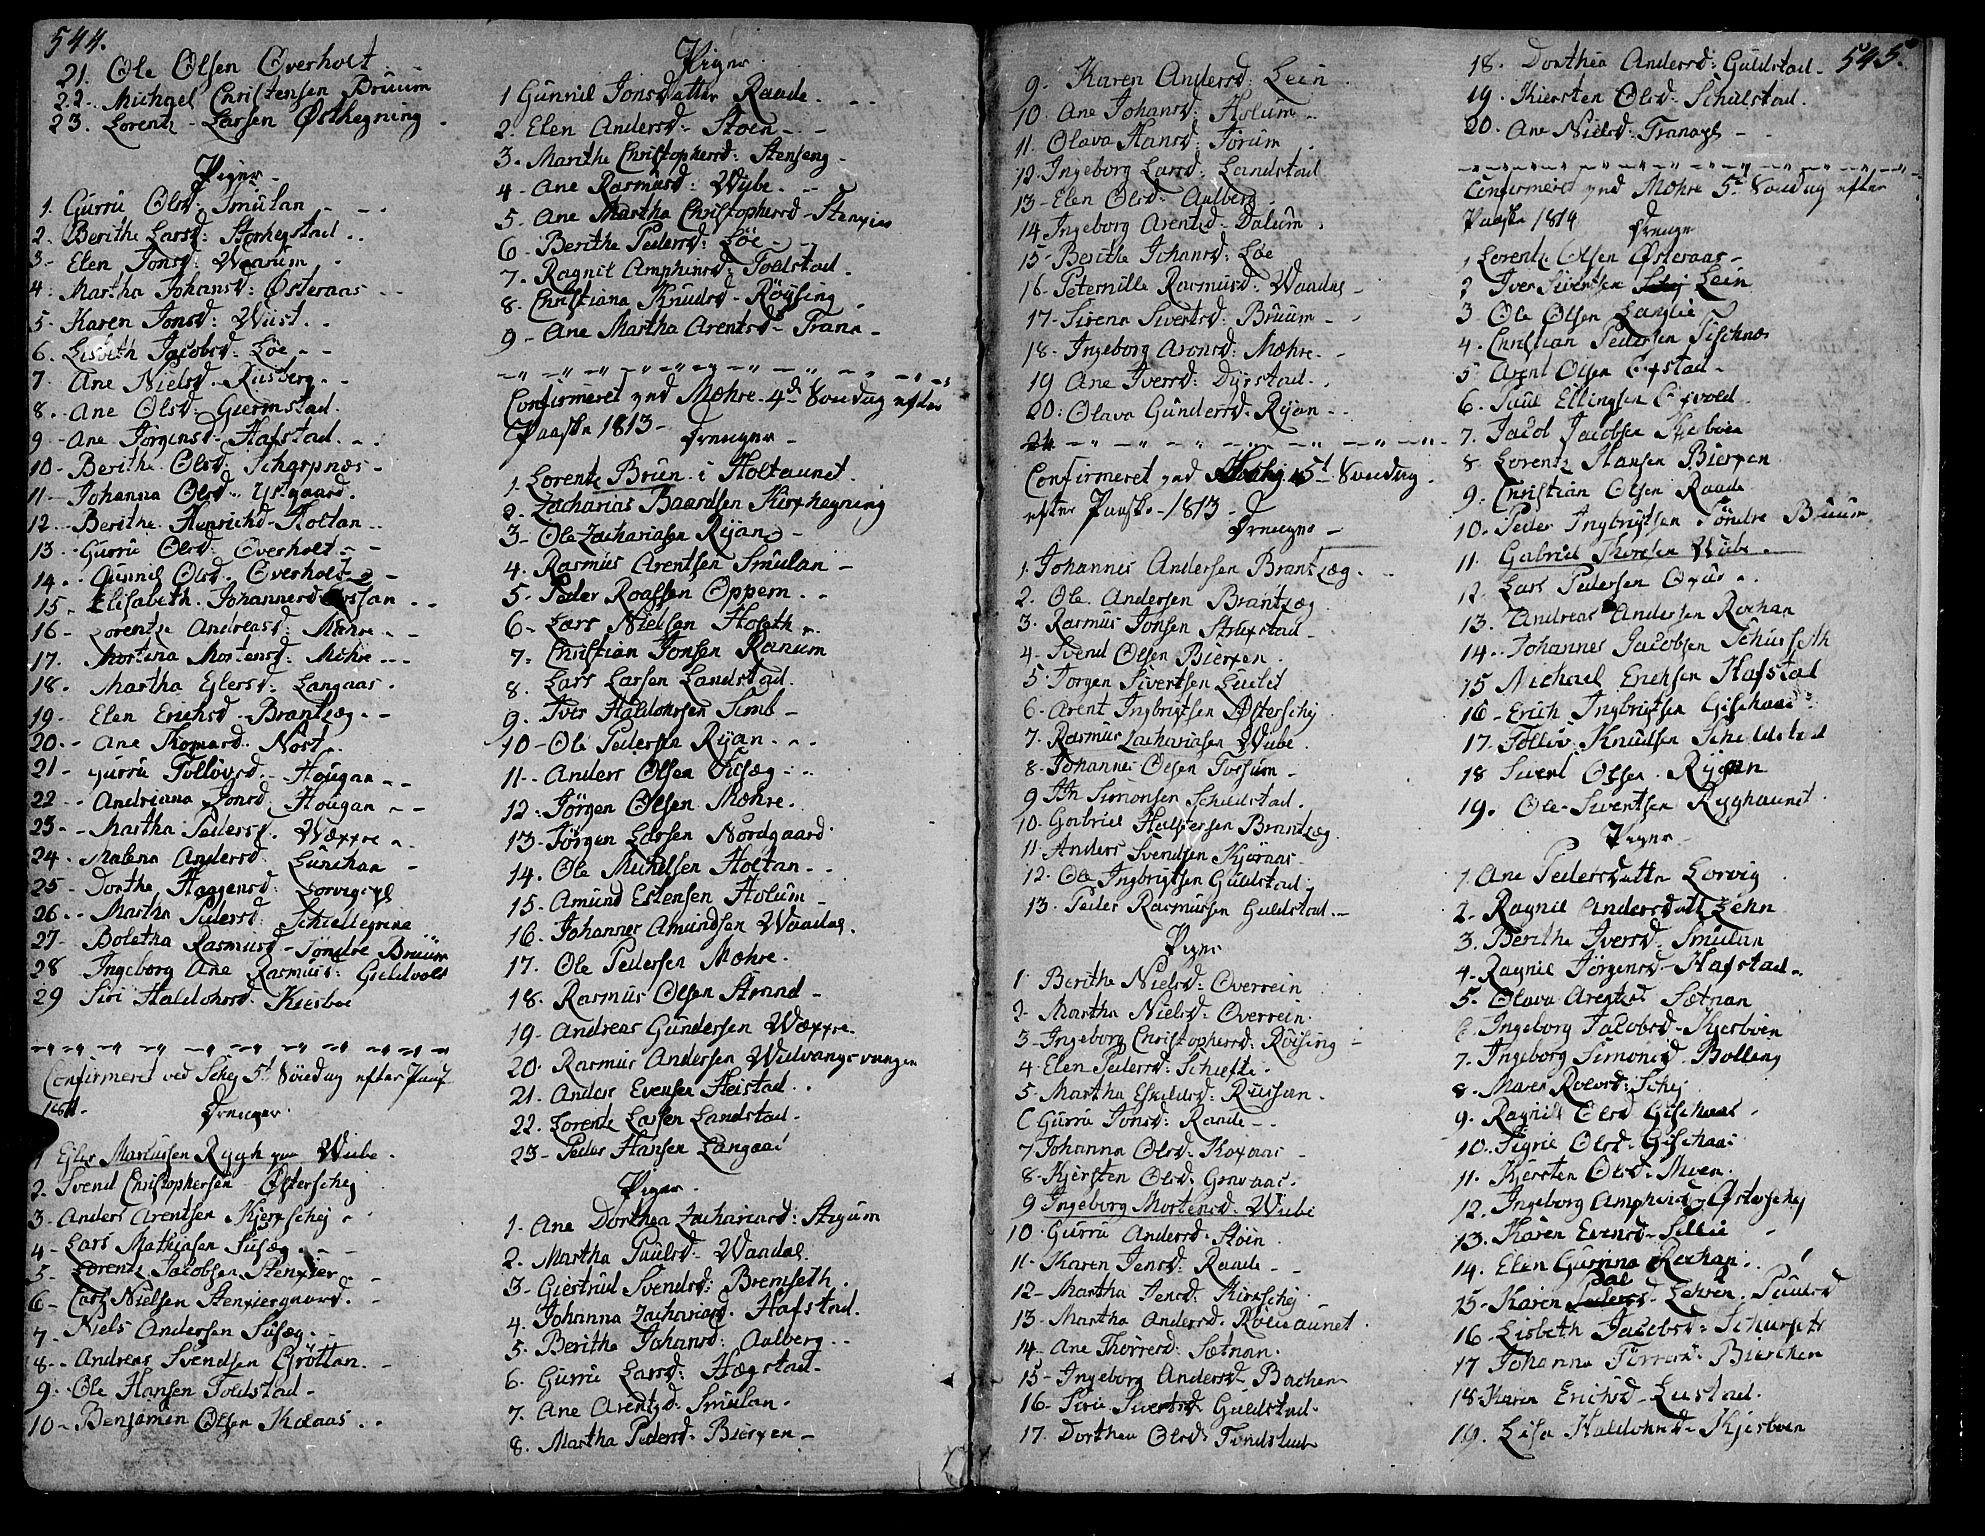 SAT, Ministerialprotokoller, klokkerbøker og fødselsregistre - Nord-Trøndelag, 735/L0332: Ministerialbok nr. 735A03, 1795-1816, s. 544-545